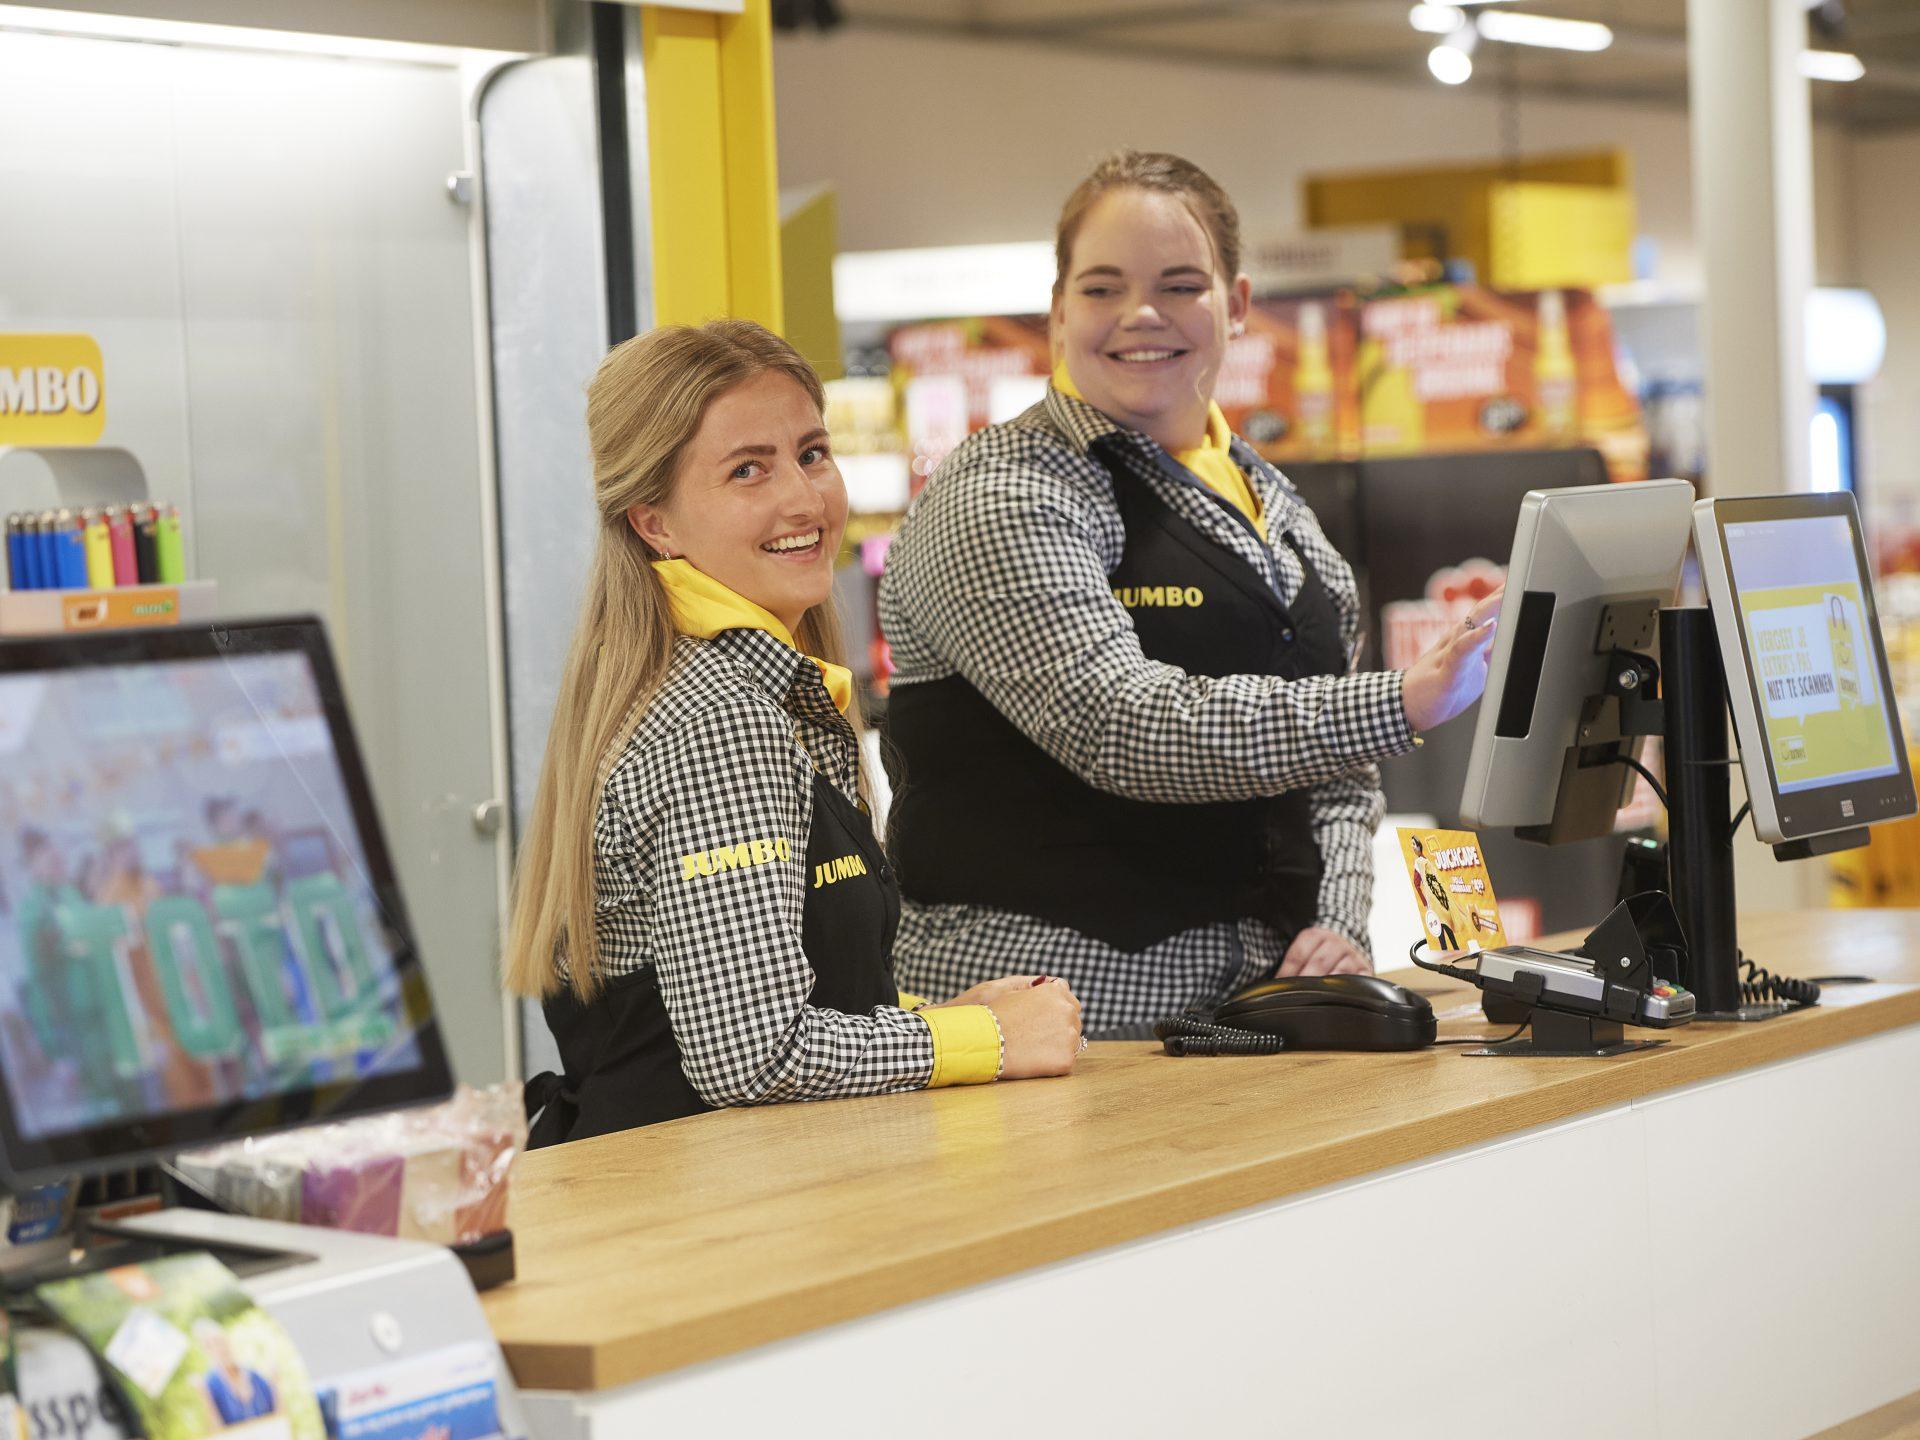 Loop met ons een rondje door de Jumbo supermarkt en ontdek hoe het is hier te werken.